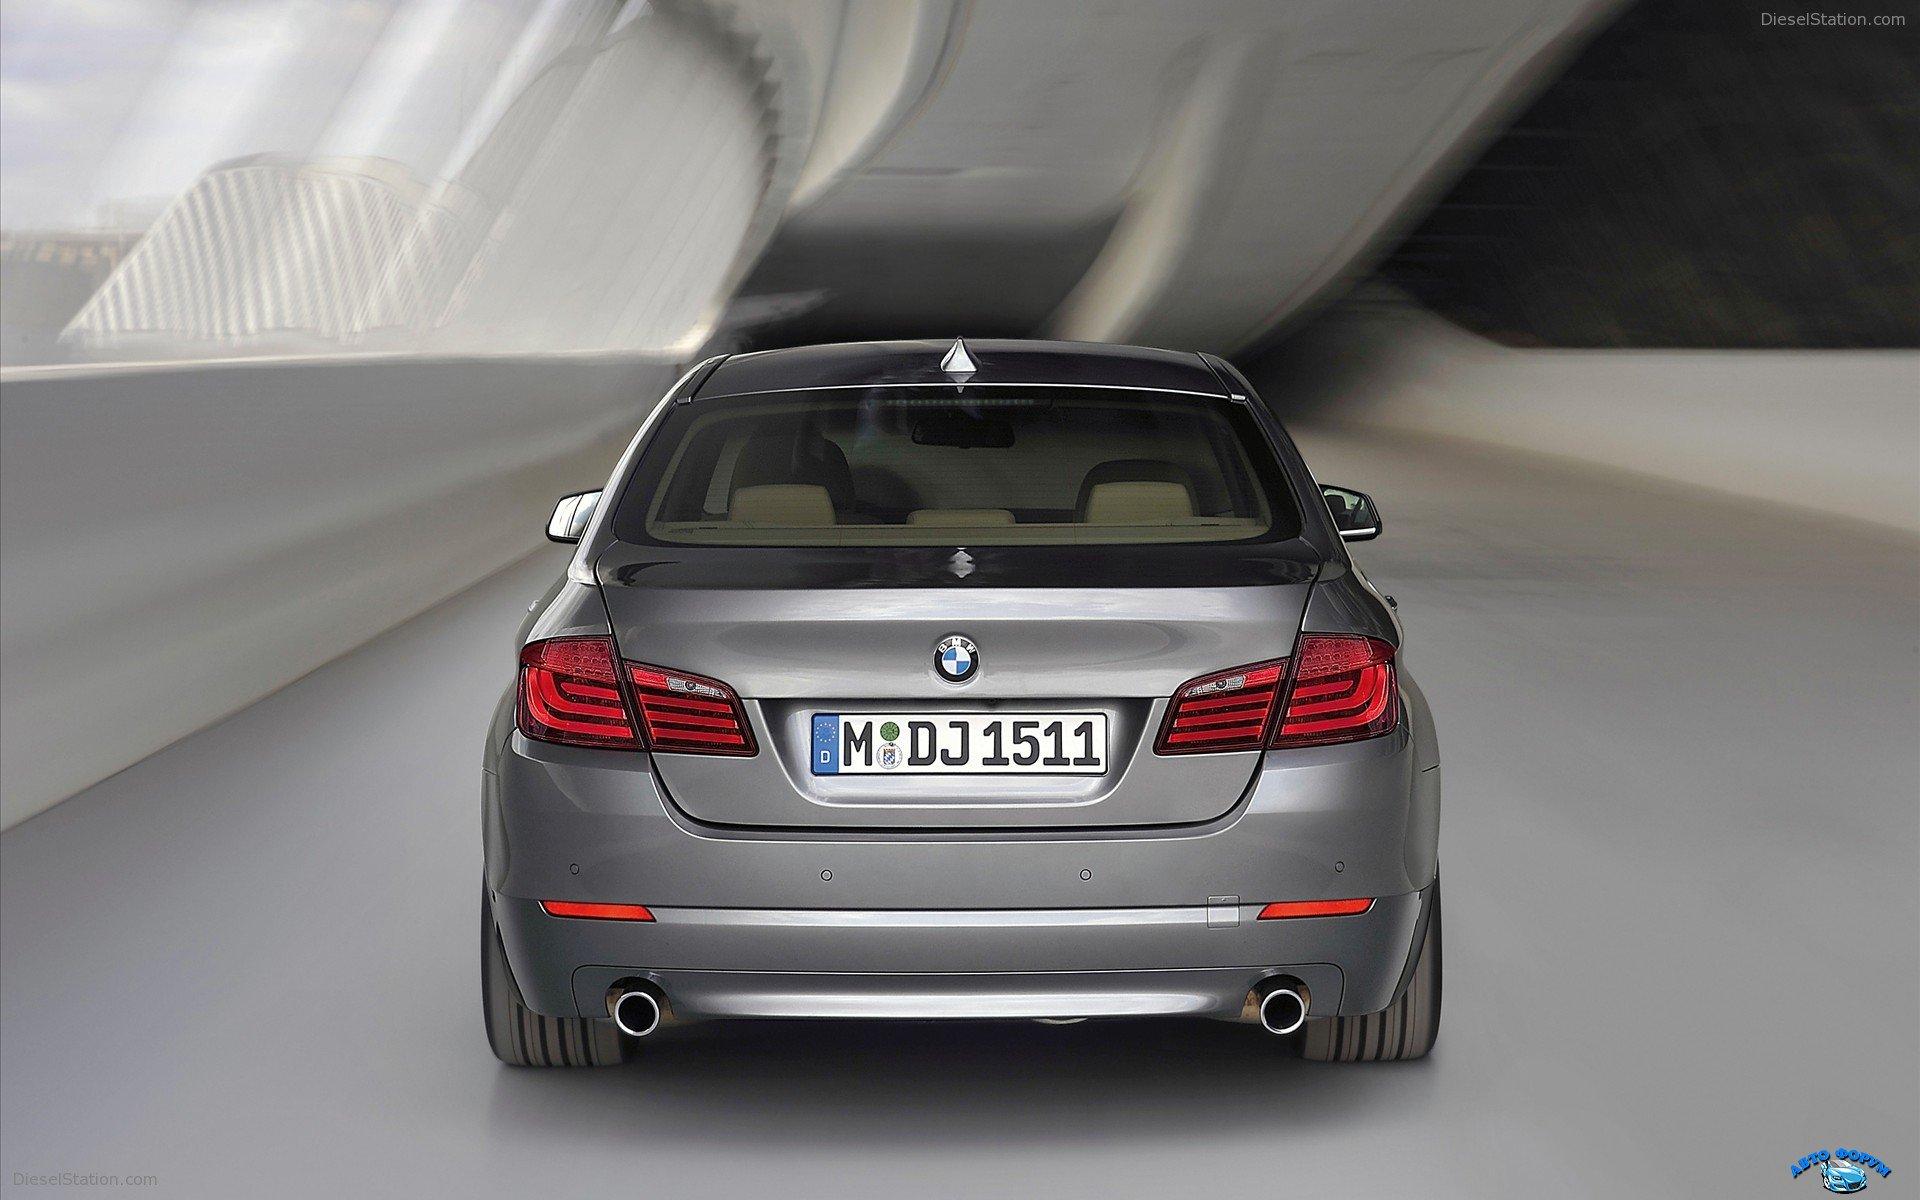 2011-BMW-5-Series-widescreen-03.jpg